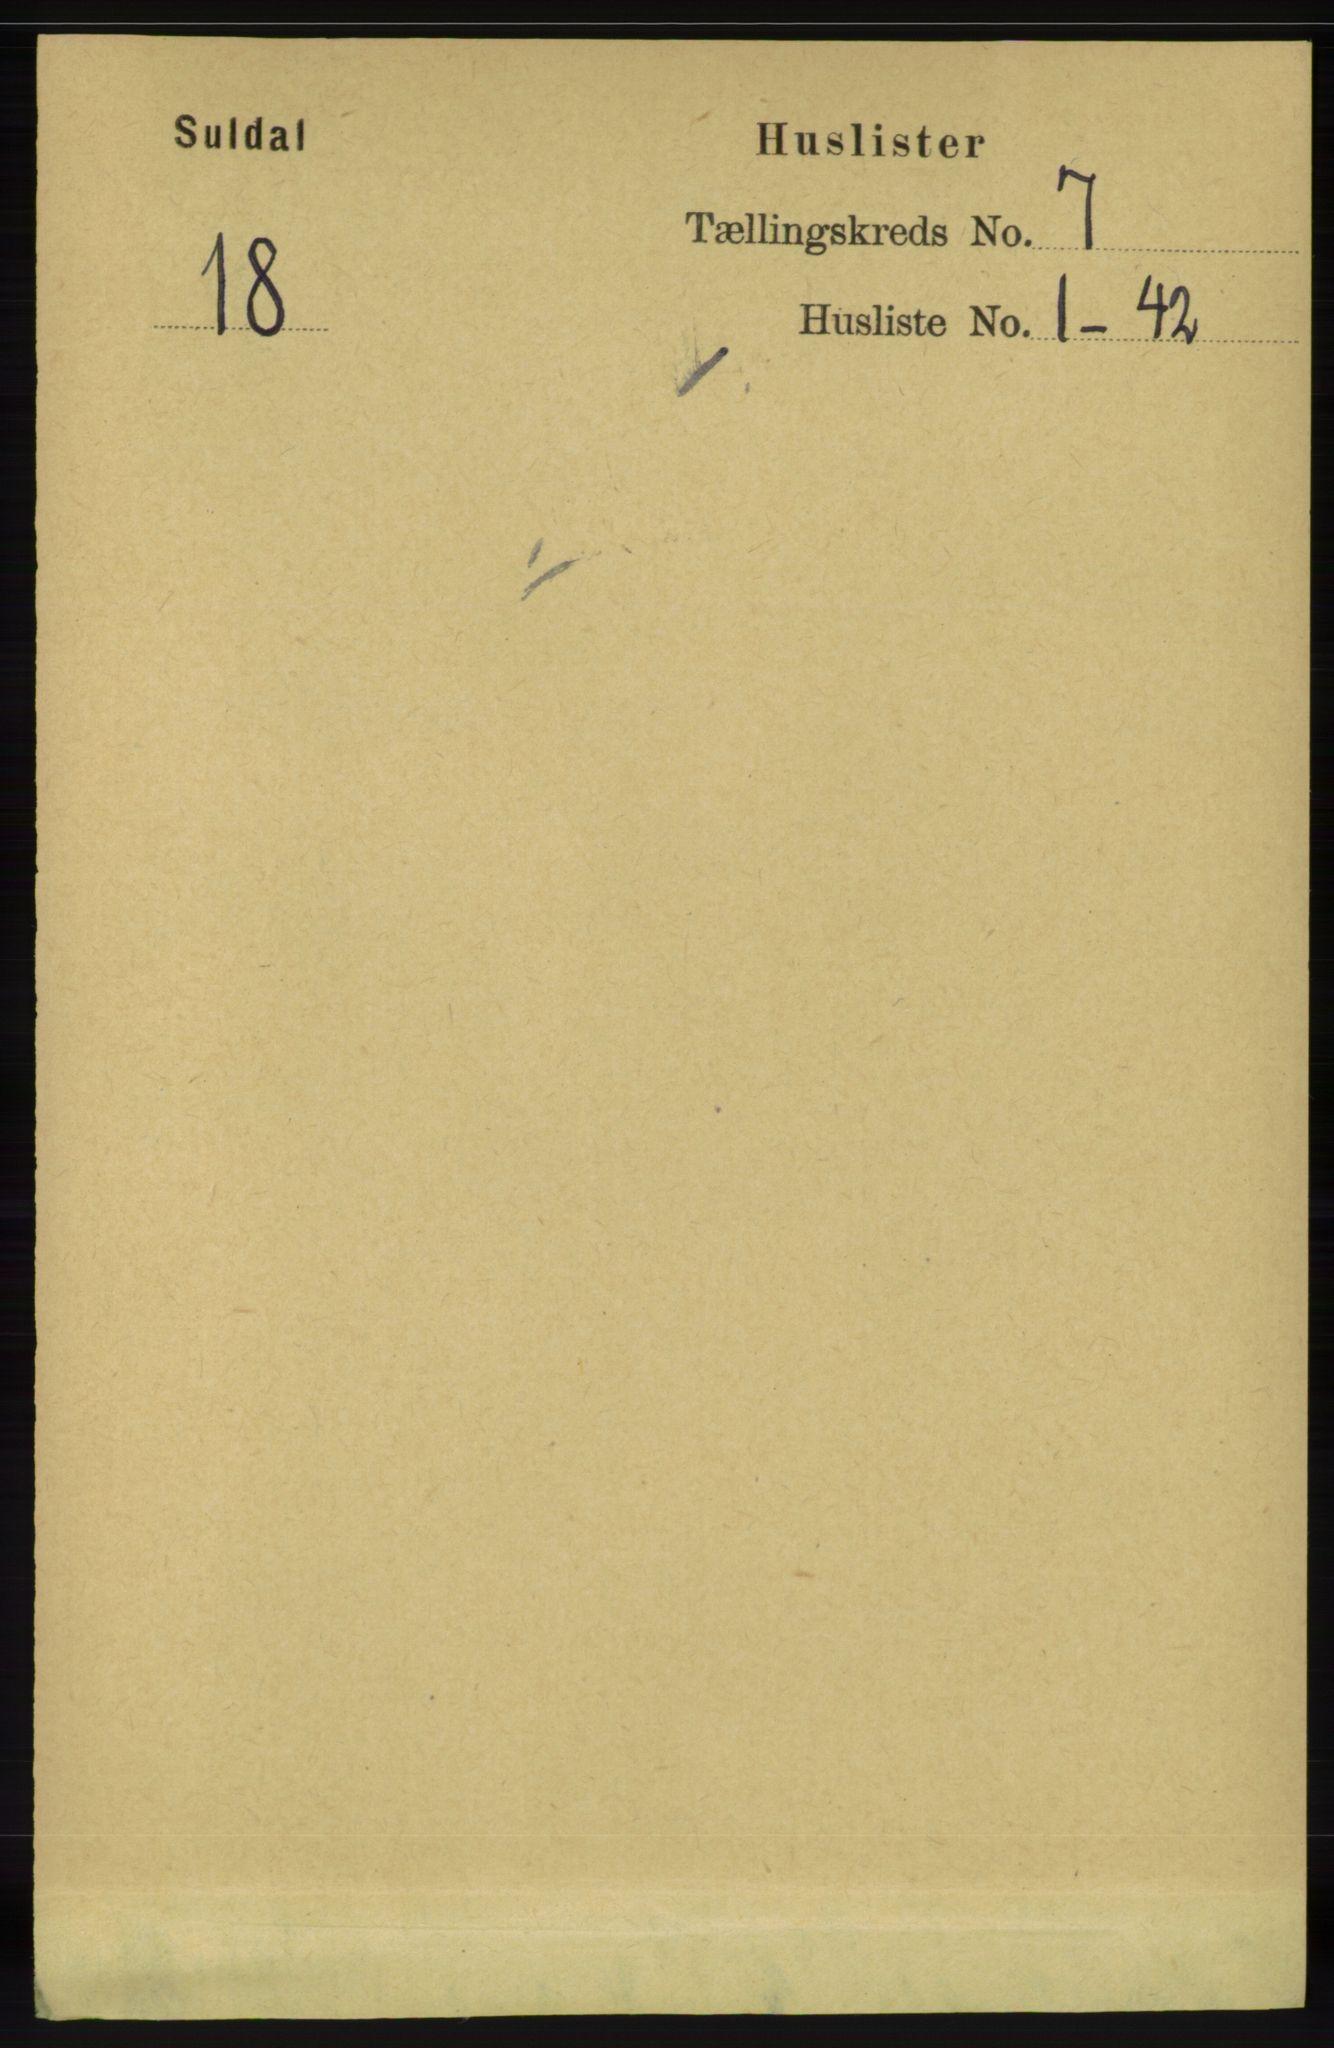 RA, Folketelling 1891 for 1134 Suldal herred, 1891, s. 1938